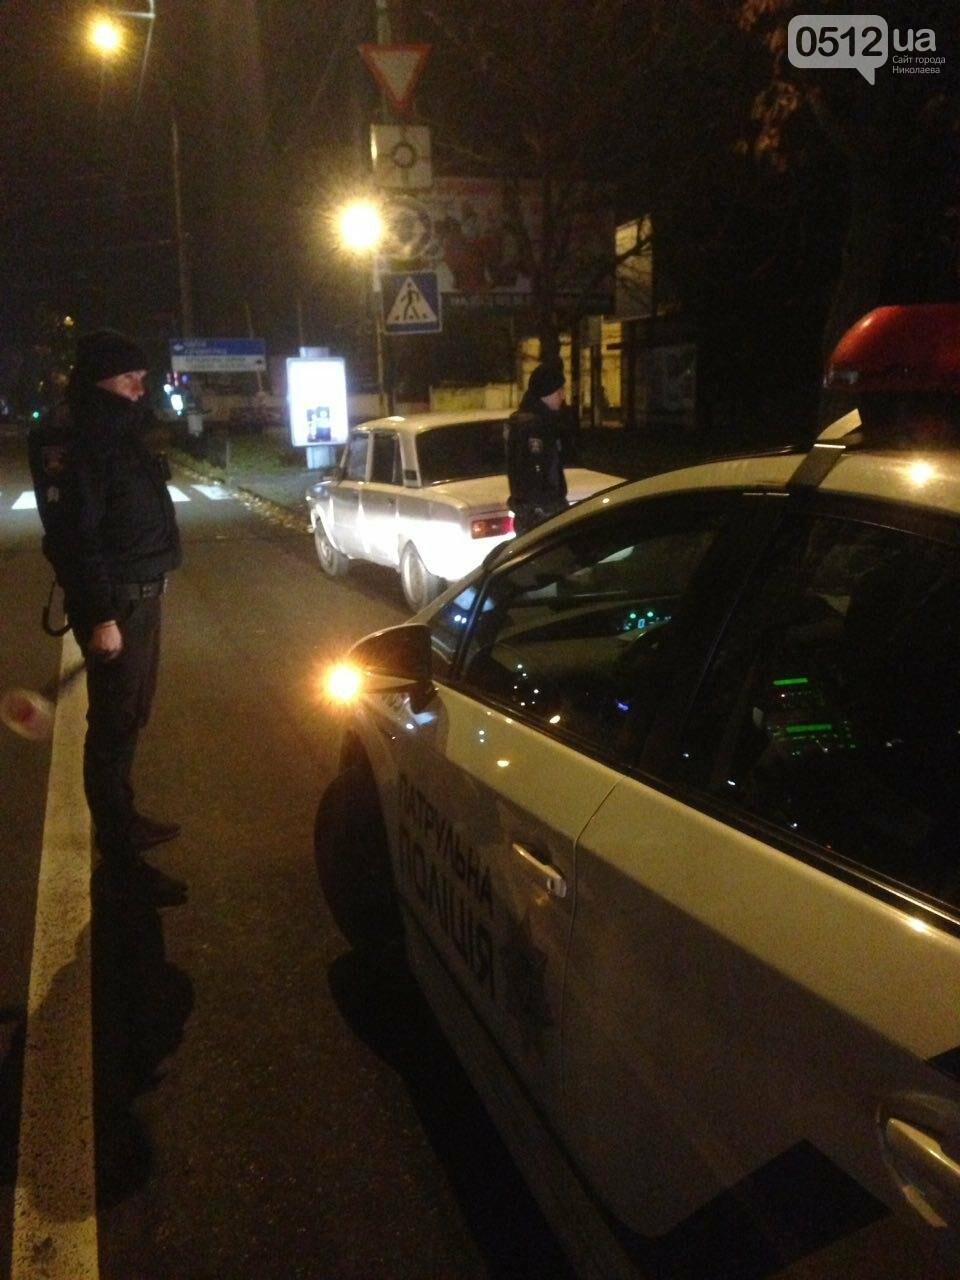 Патрульные продолжают ловить пьяных водителей на улицах Николаева (ФОТО), фото-2